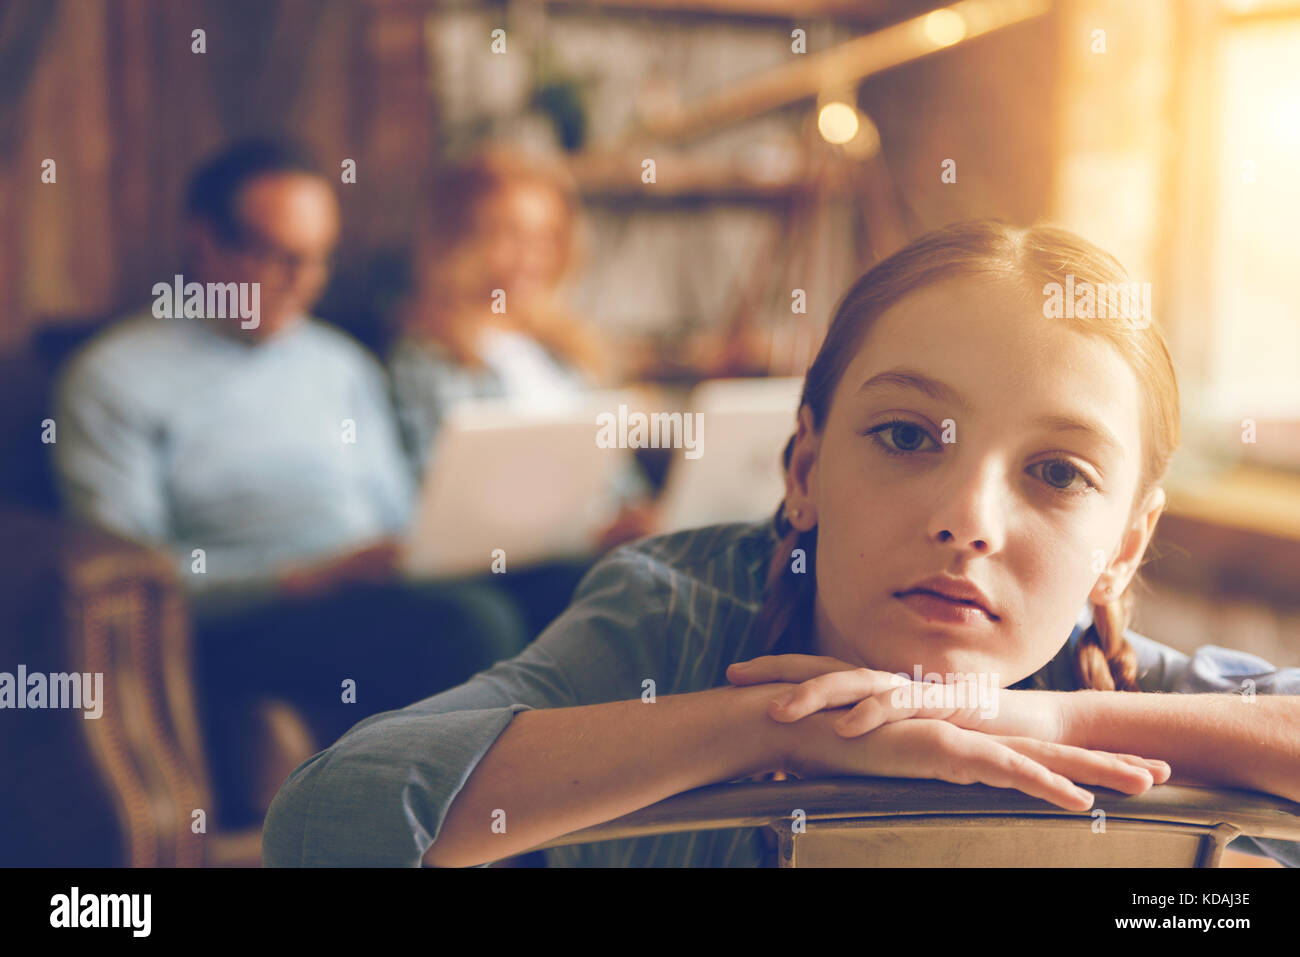 Gelangweilt einsam Mädchen schauen in die Kamera zu Hause Stockfoto ...